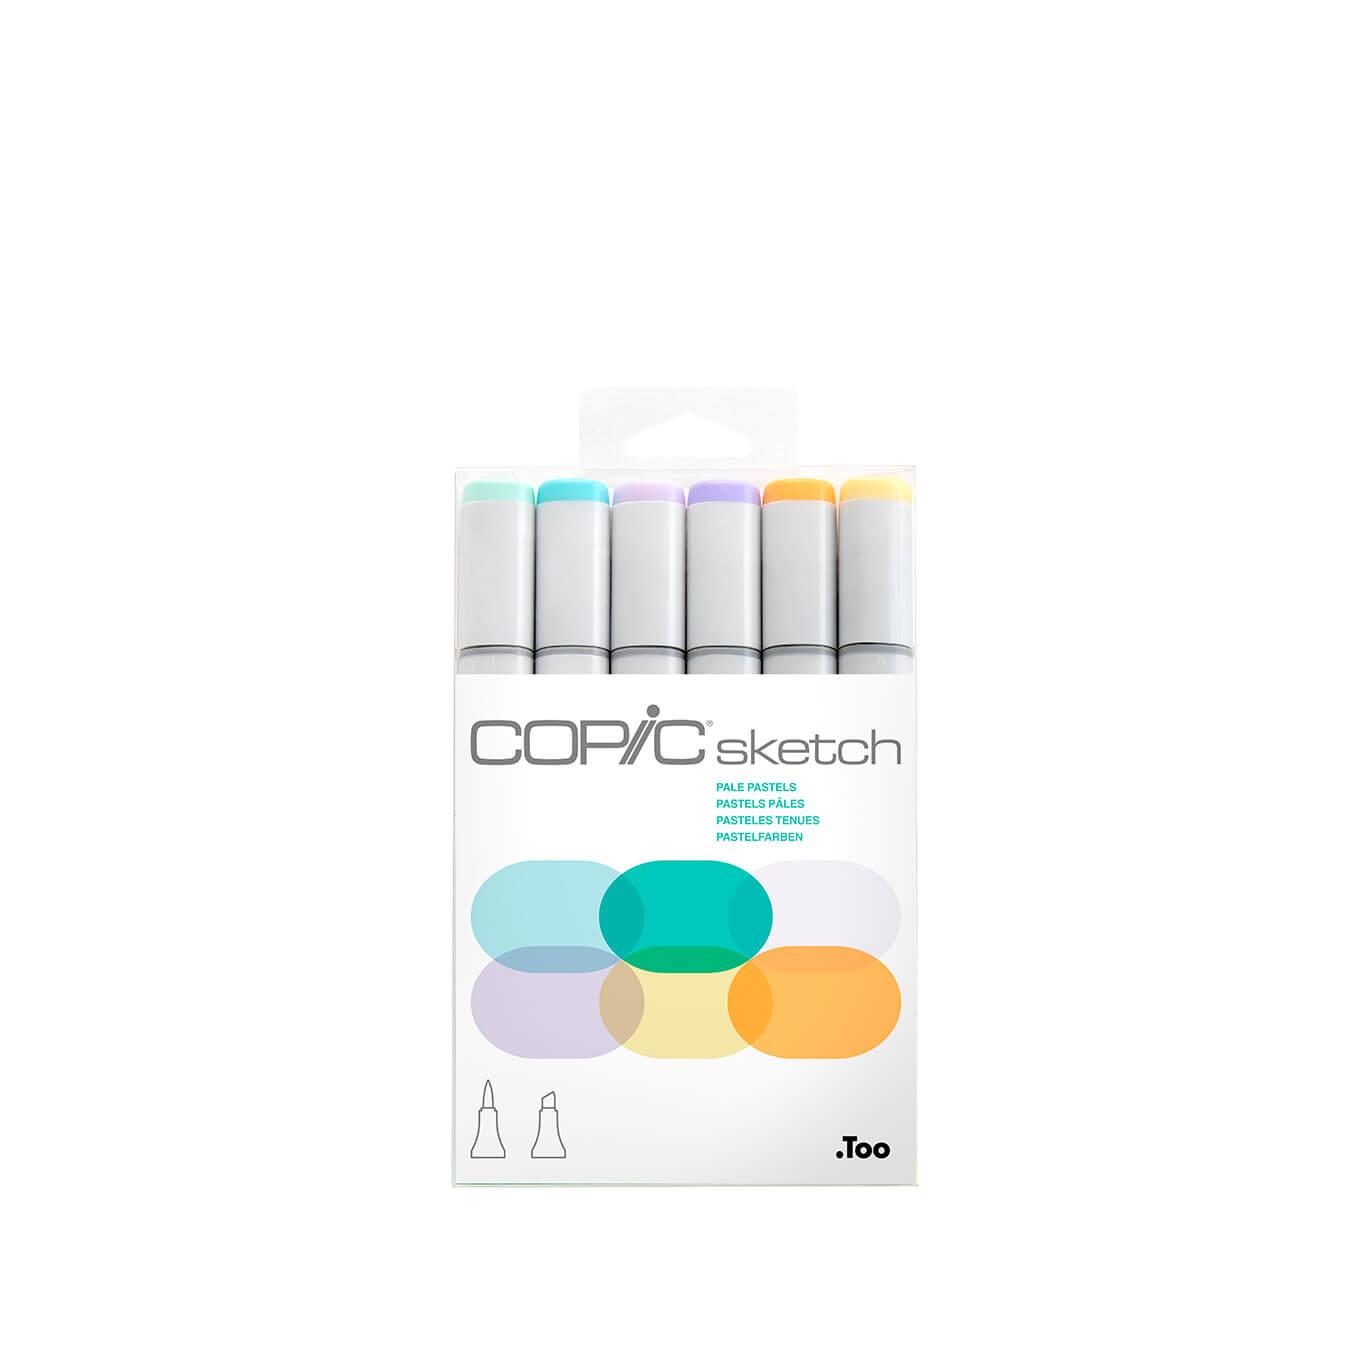 Copic Sketch 6 colors set Pale Pastels